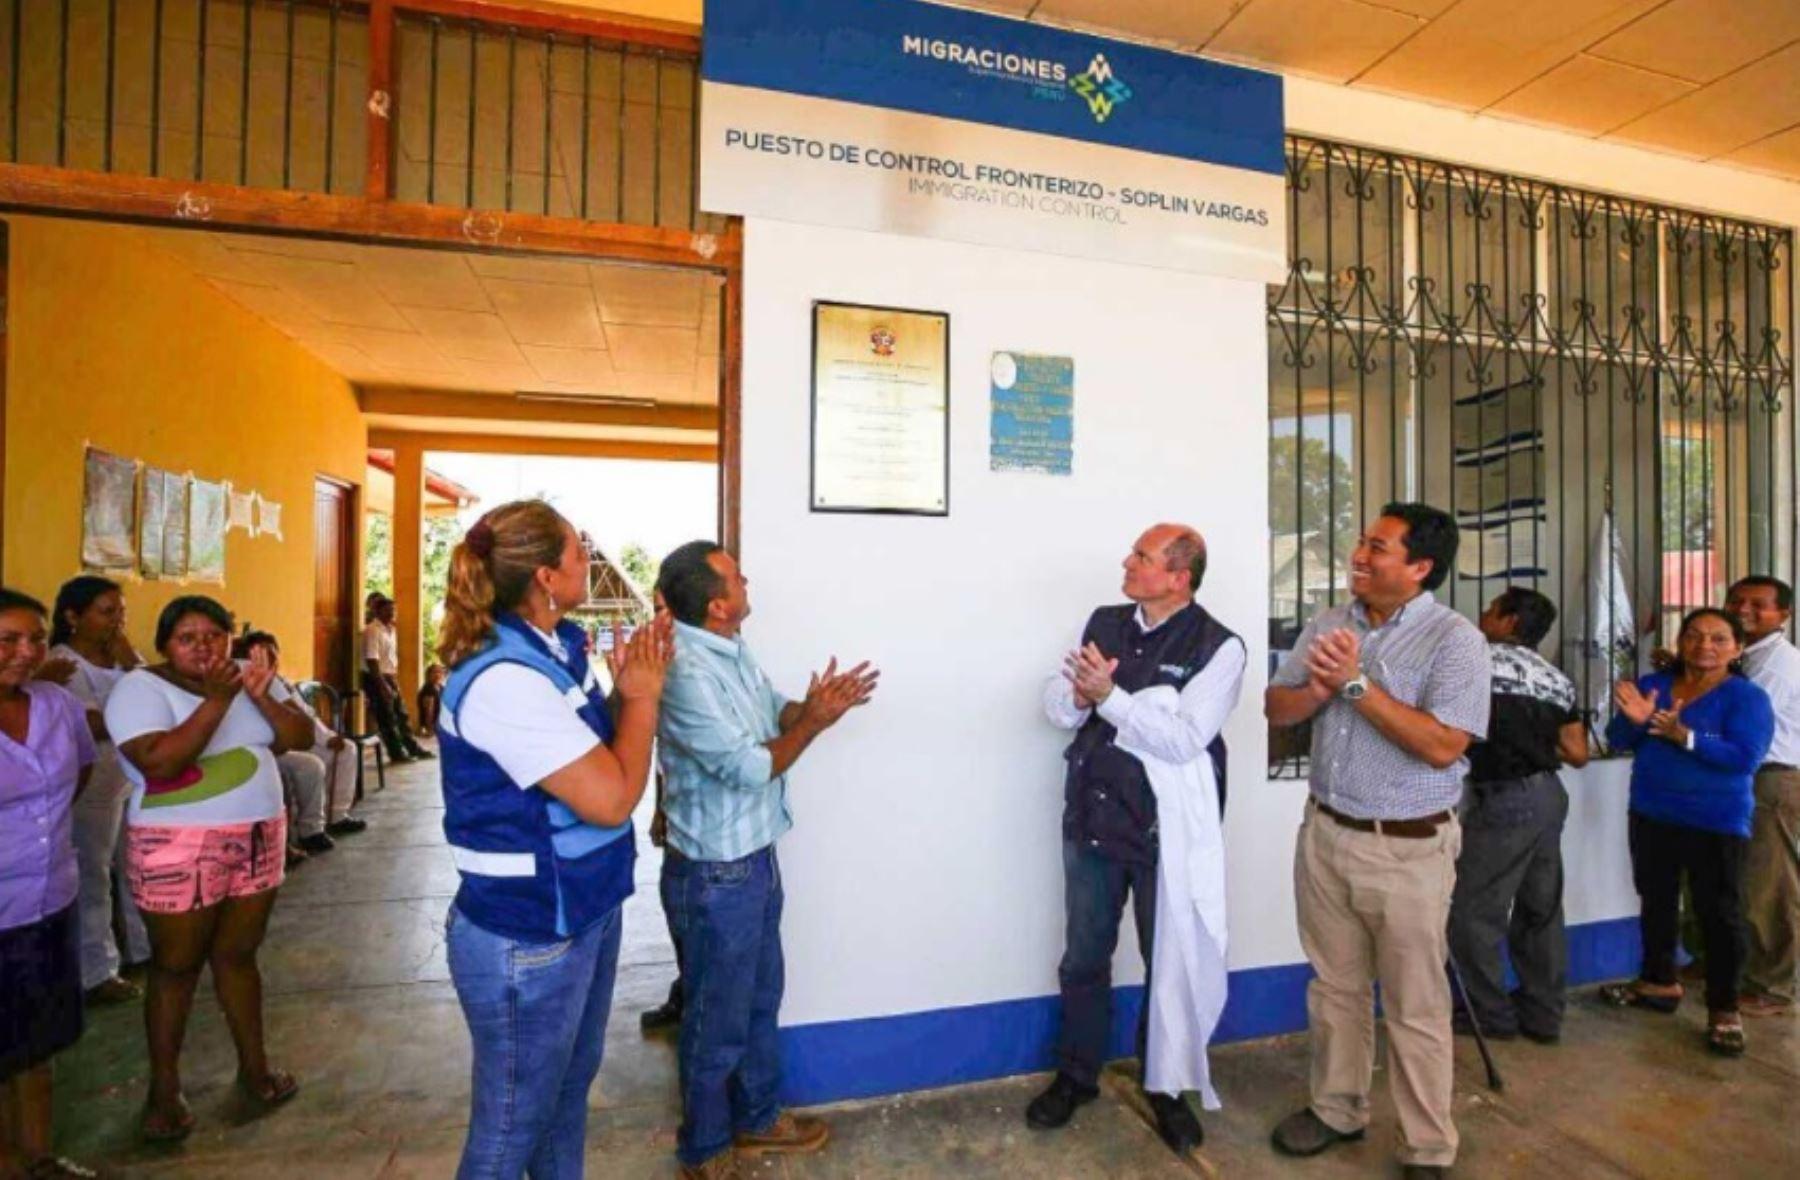 La Superintendencia Nacional de Migraciones (Migraciones) activó hoy el Puesto de Control Fronterizo Soplín Vargas, el segundo implementado en el presente Gobierno a lo largo de más de 1,300 kilómetros del río Putumayo, el límite fronterizo entre Perú y Colombia.